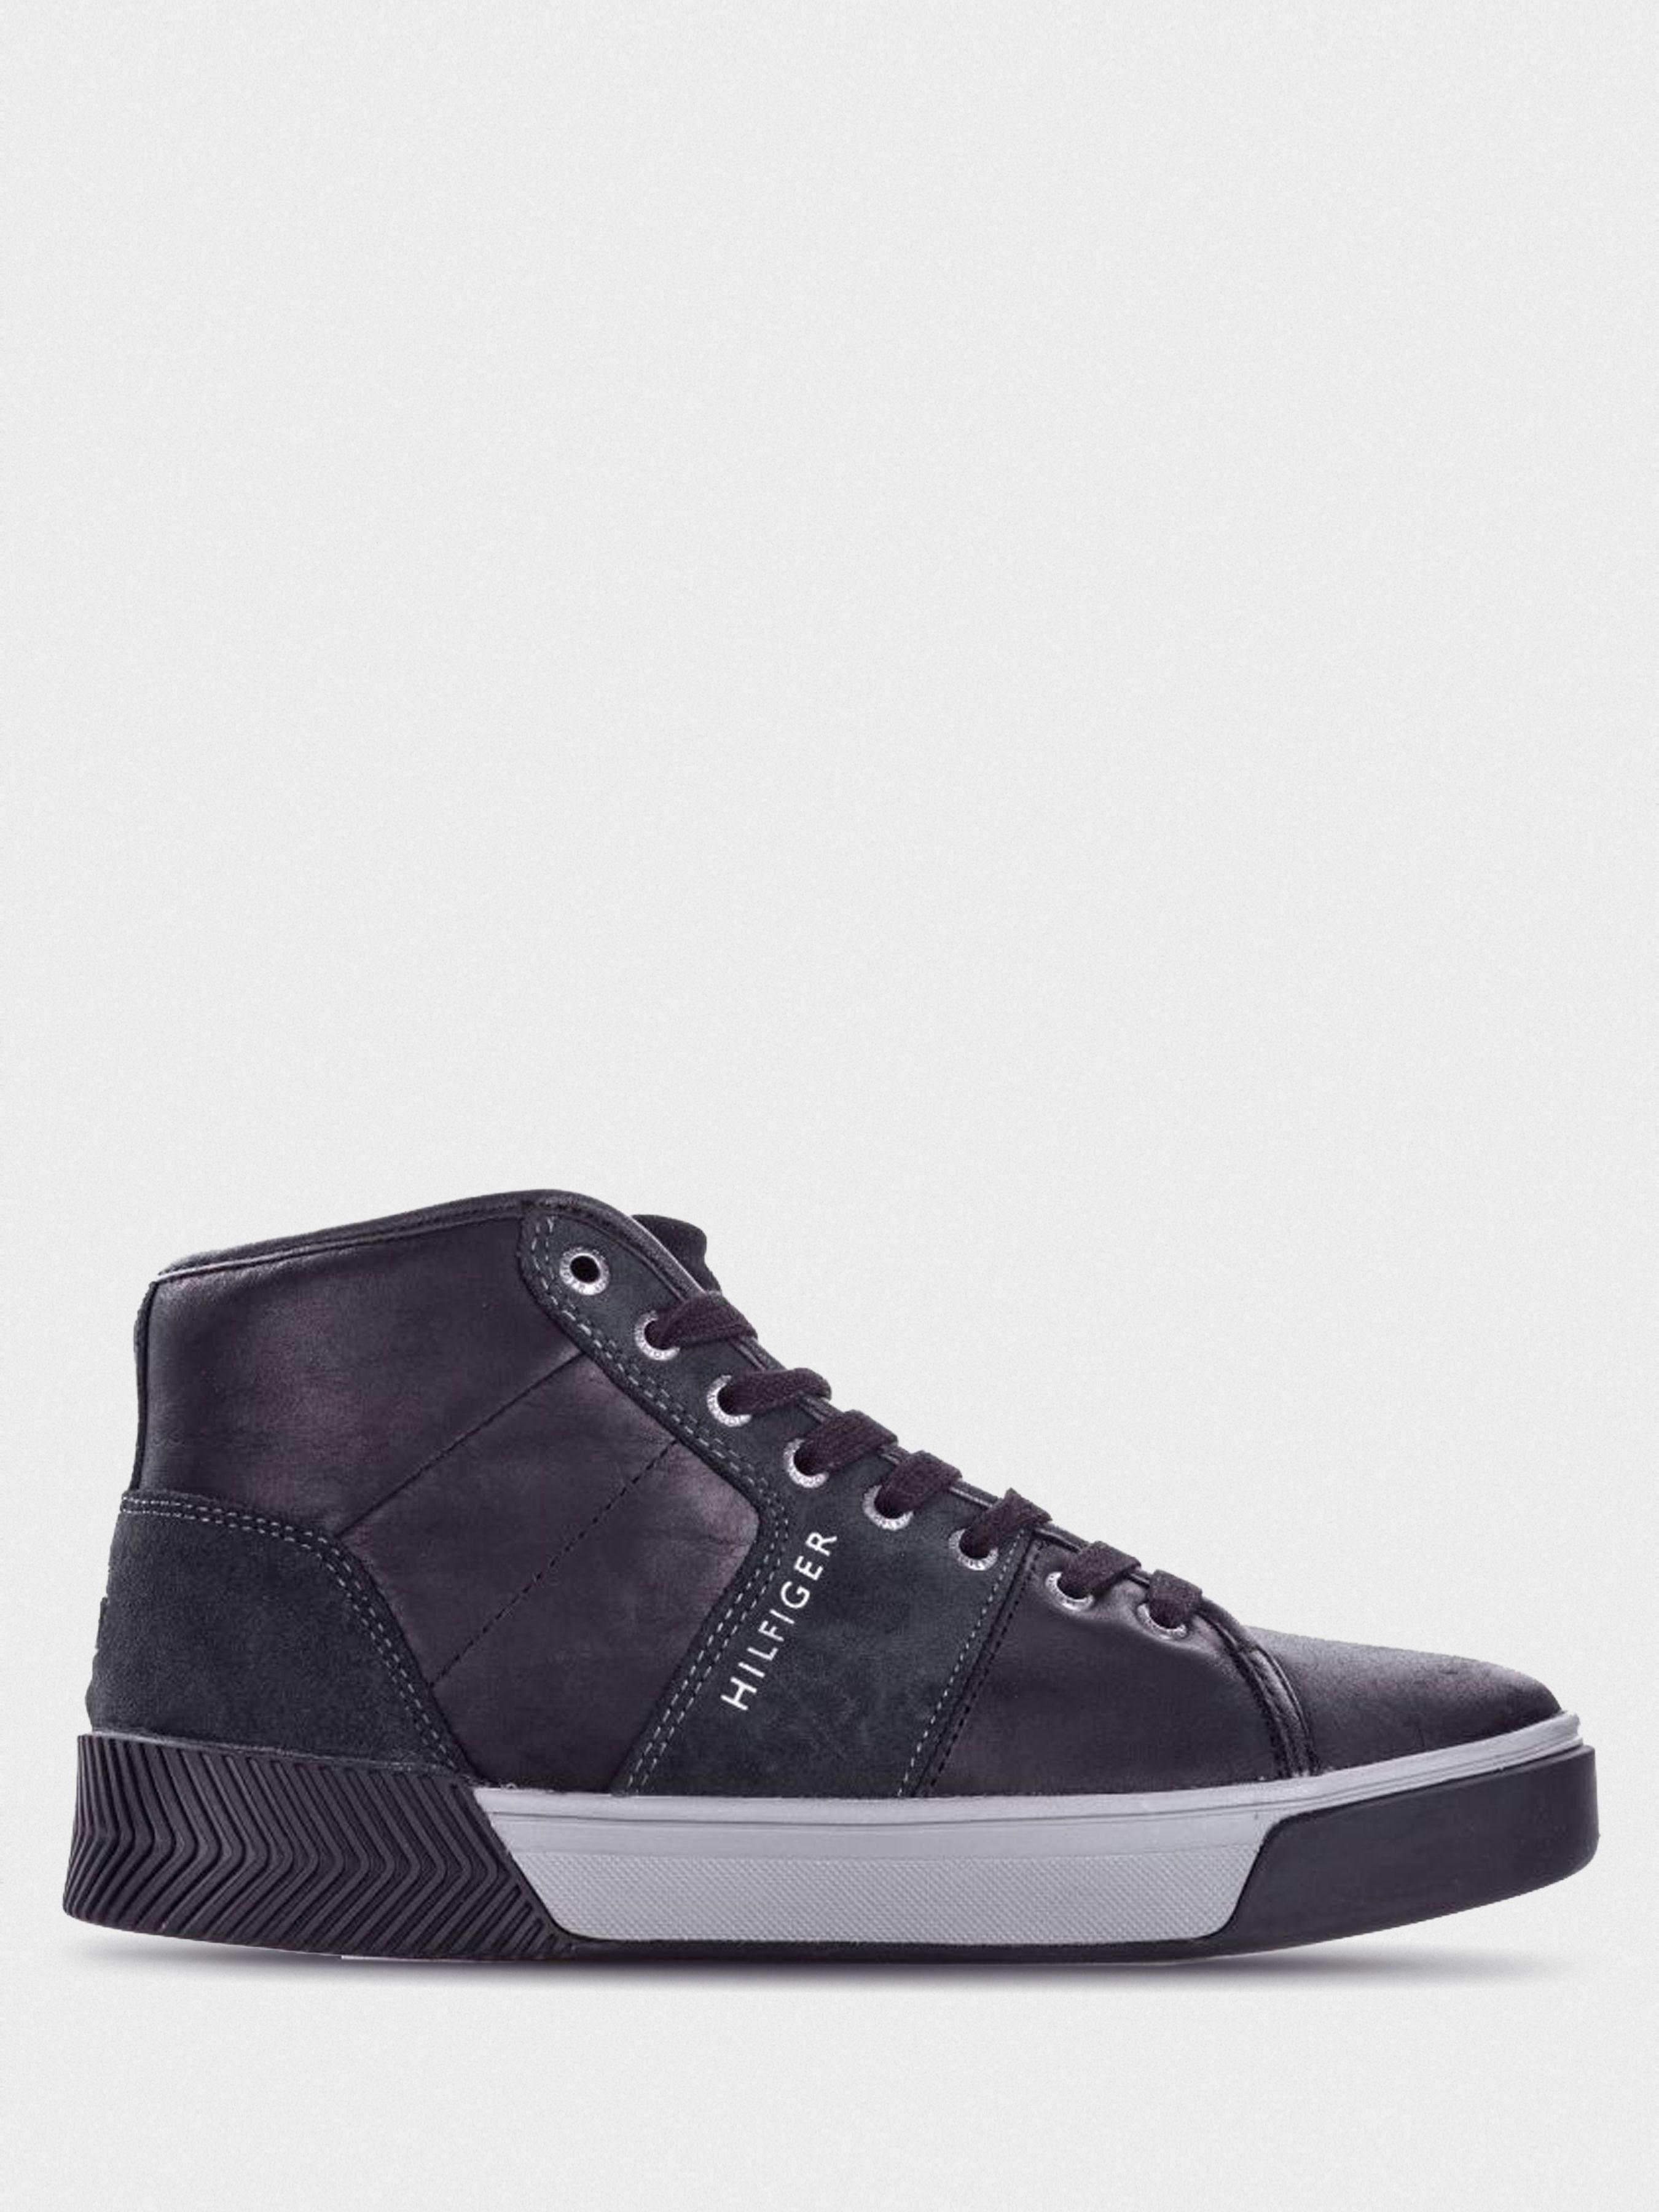 Купить Ботинки для мужчин Tommy Hilfiger TE807, Черный